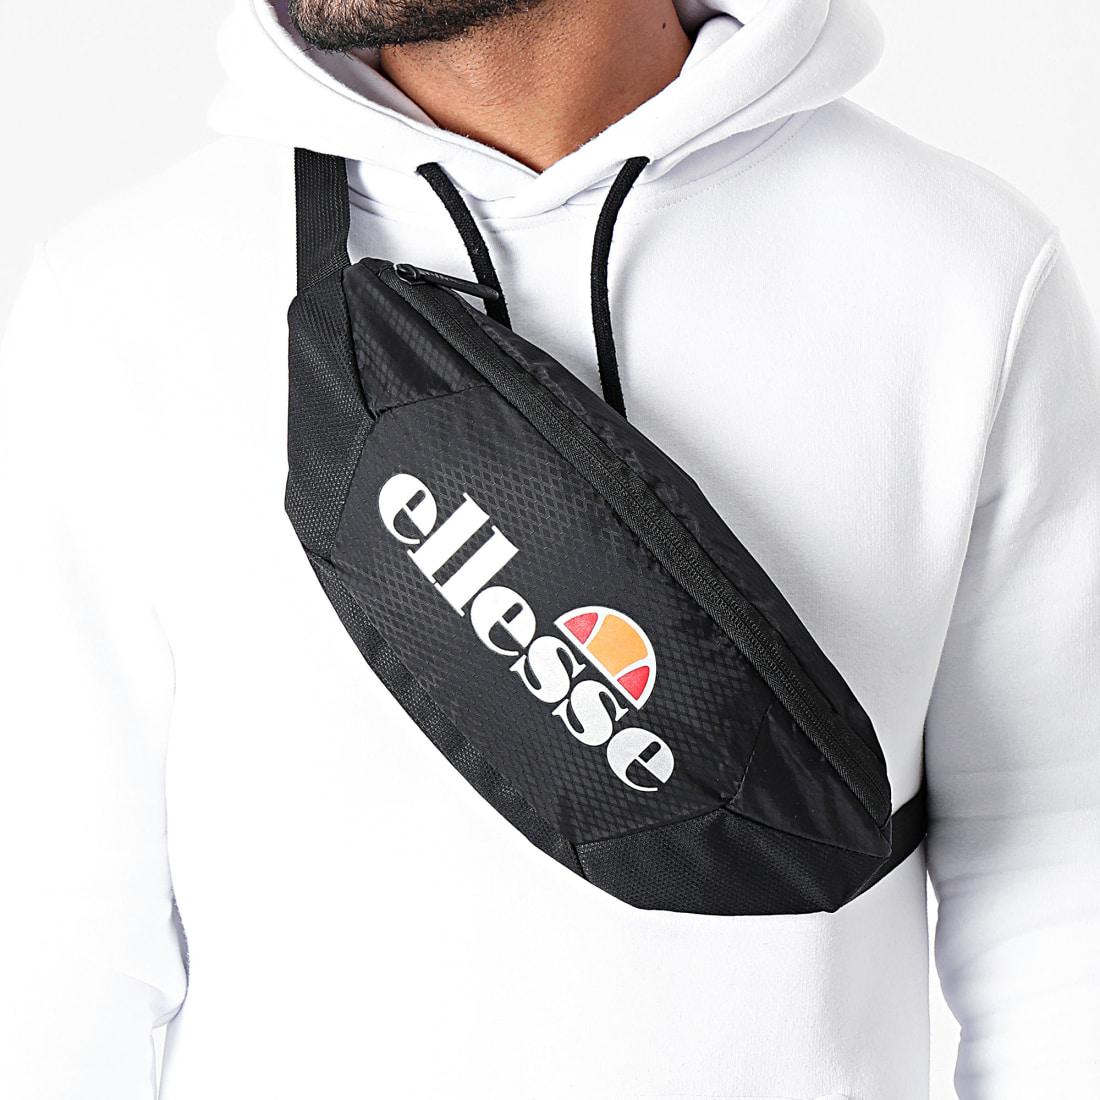 Ellesse Avillo Bum Bag Sac Banane Unisexe pour Adulte Noir Taille Unique